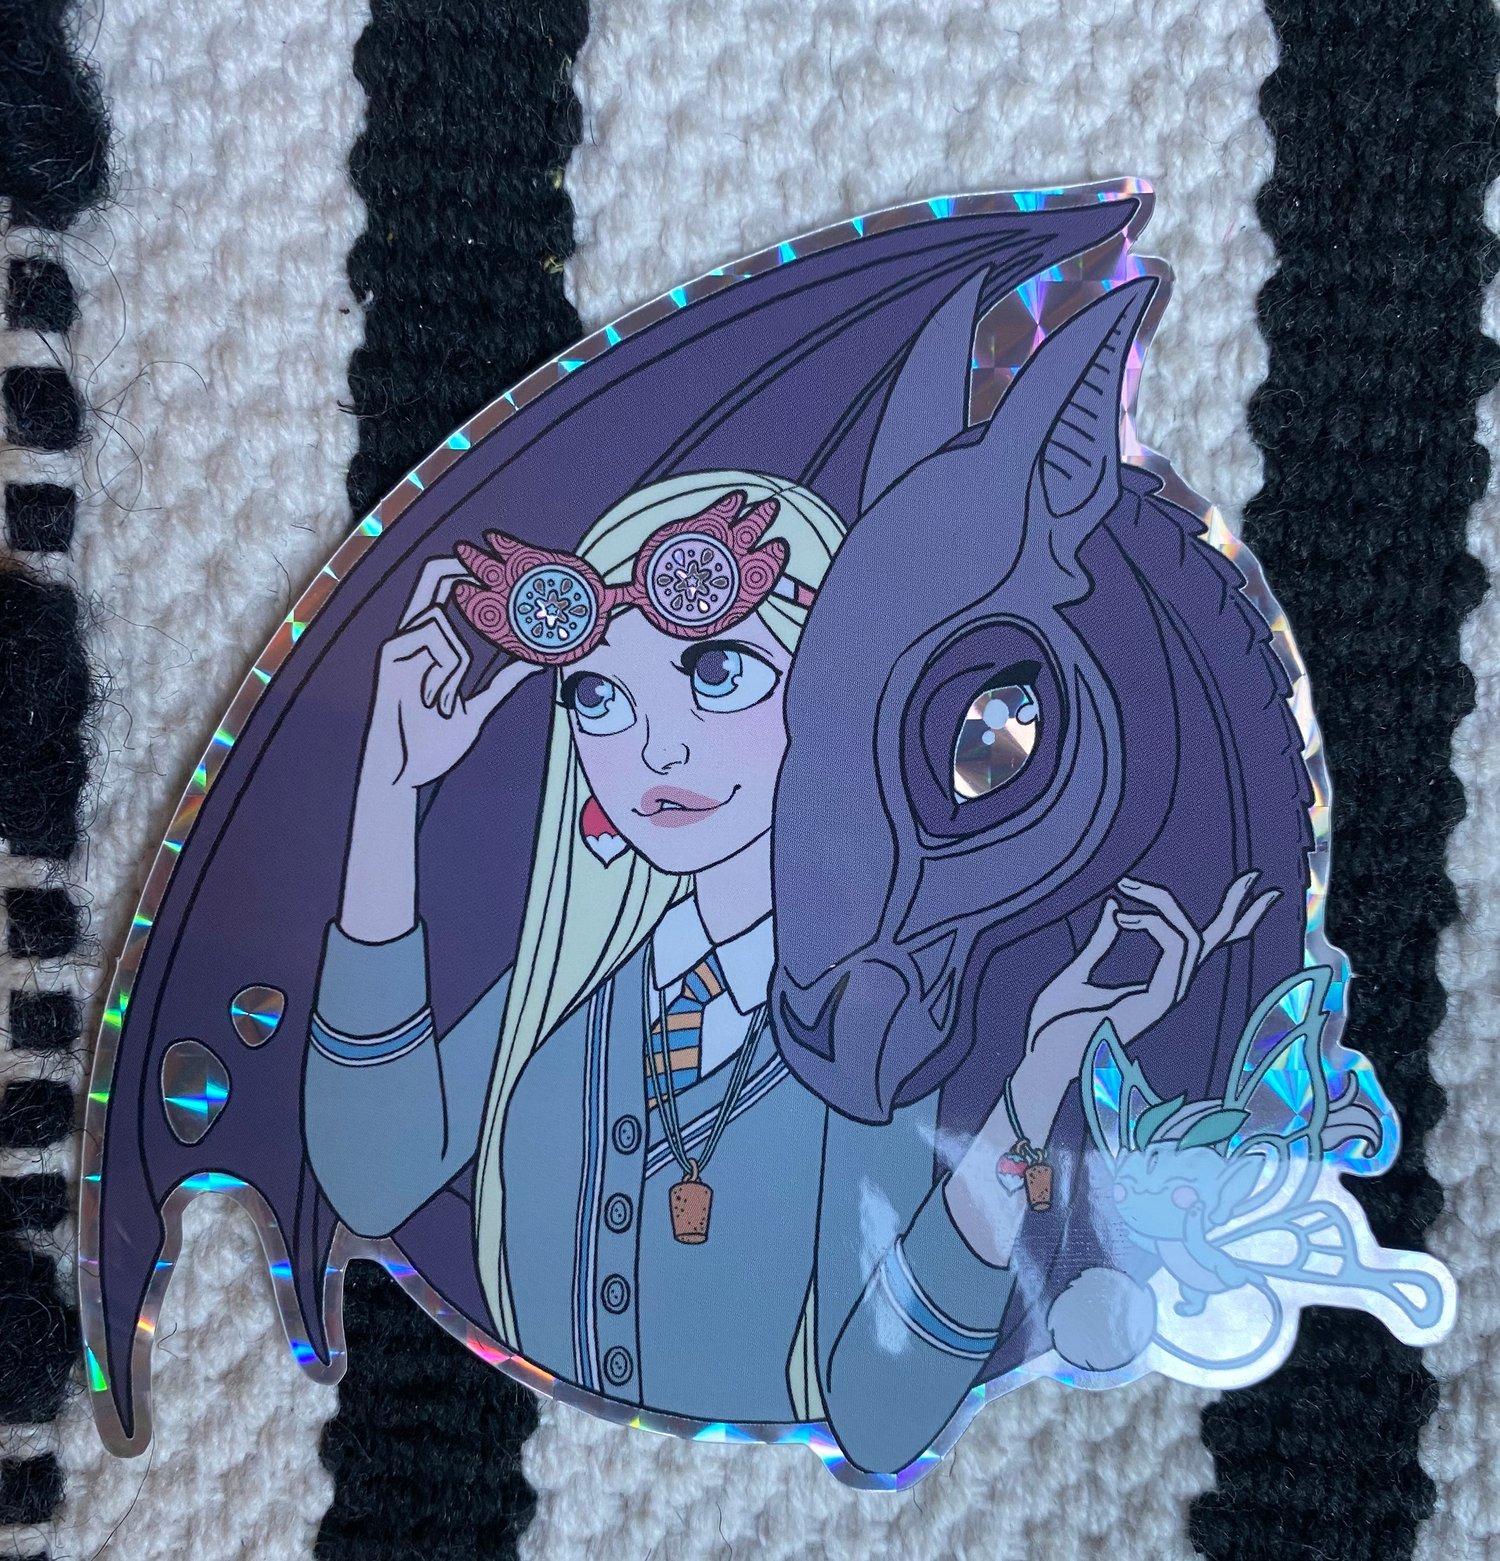 iSeeNaargles Prismatic Sticker